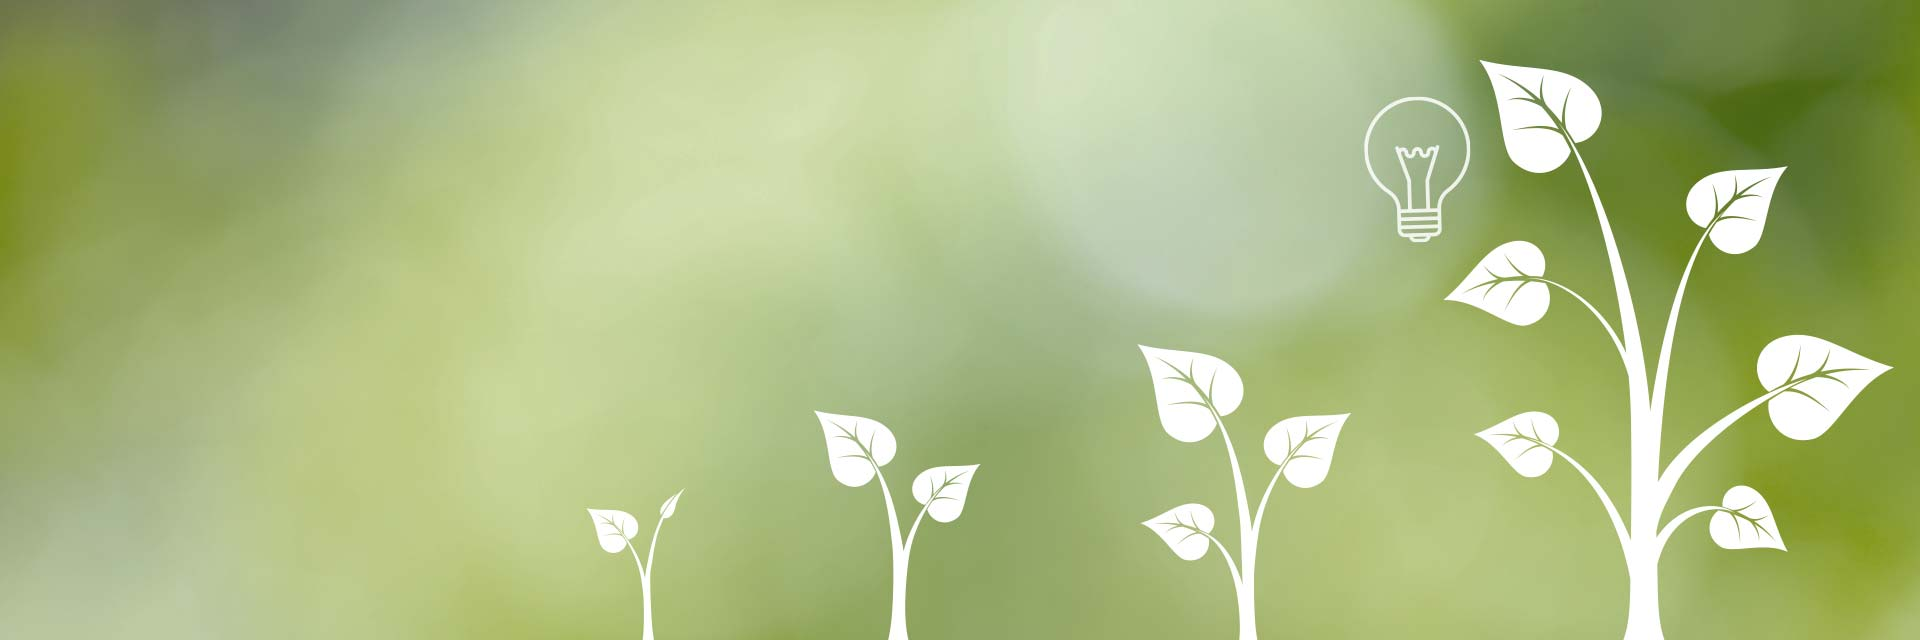 Konsultation säljutveckling illustrerat av små växter som blir större med en glödlampa för innovation vid det största